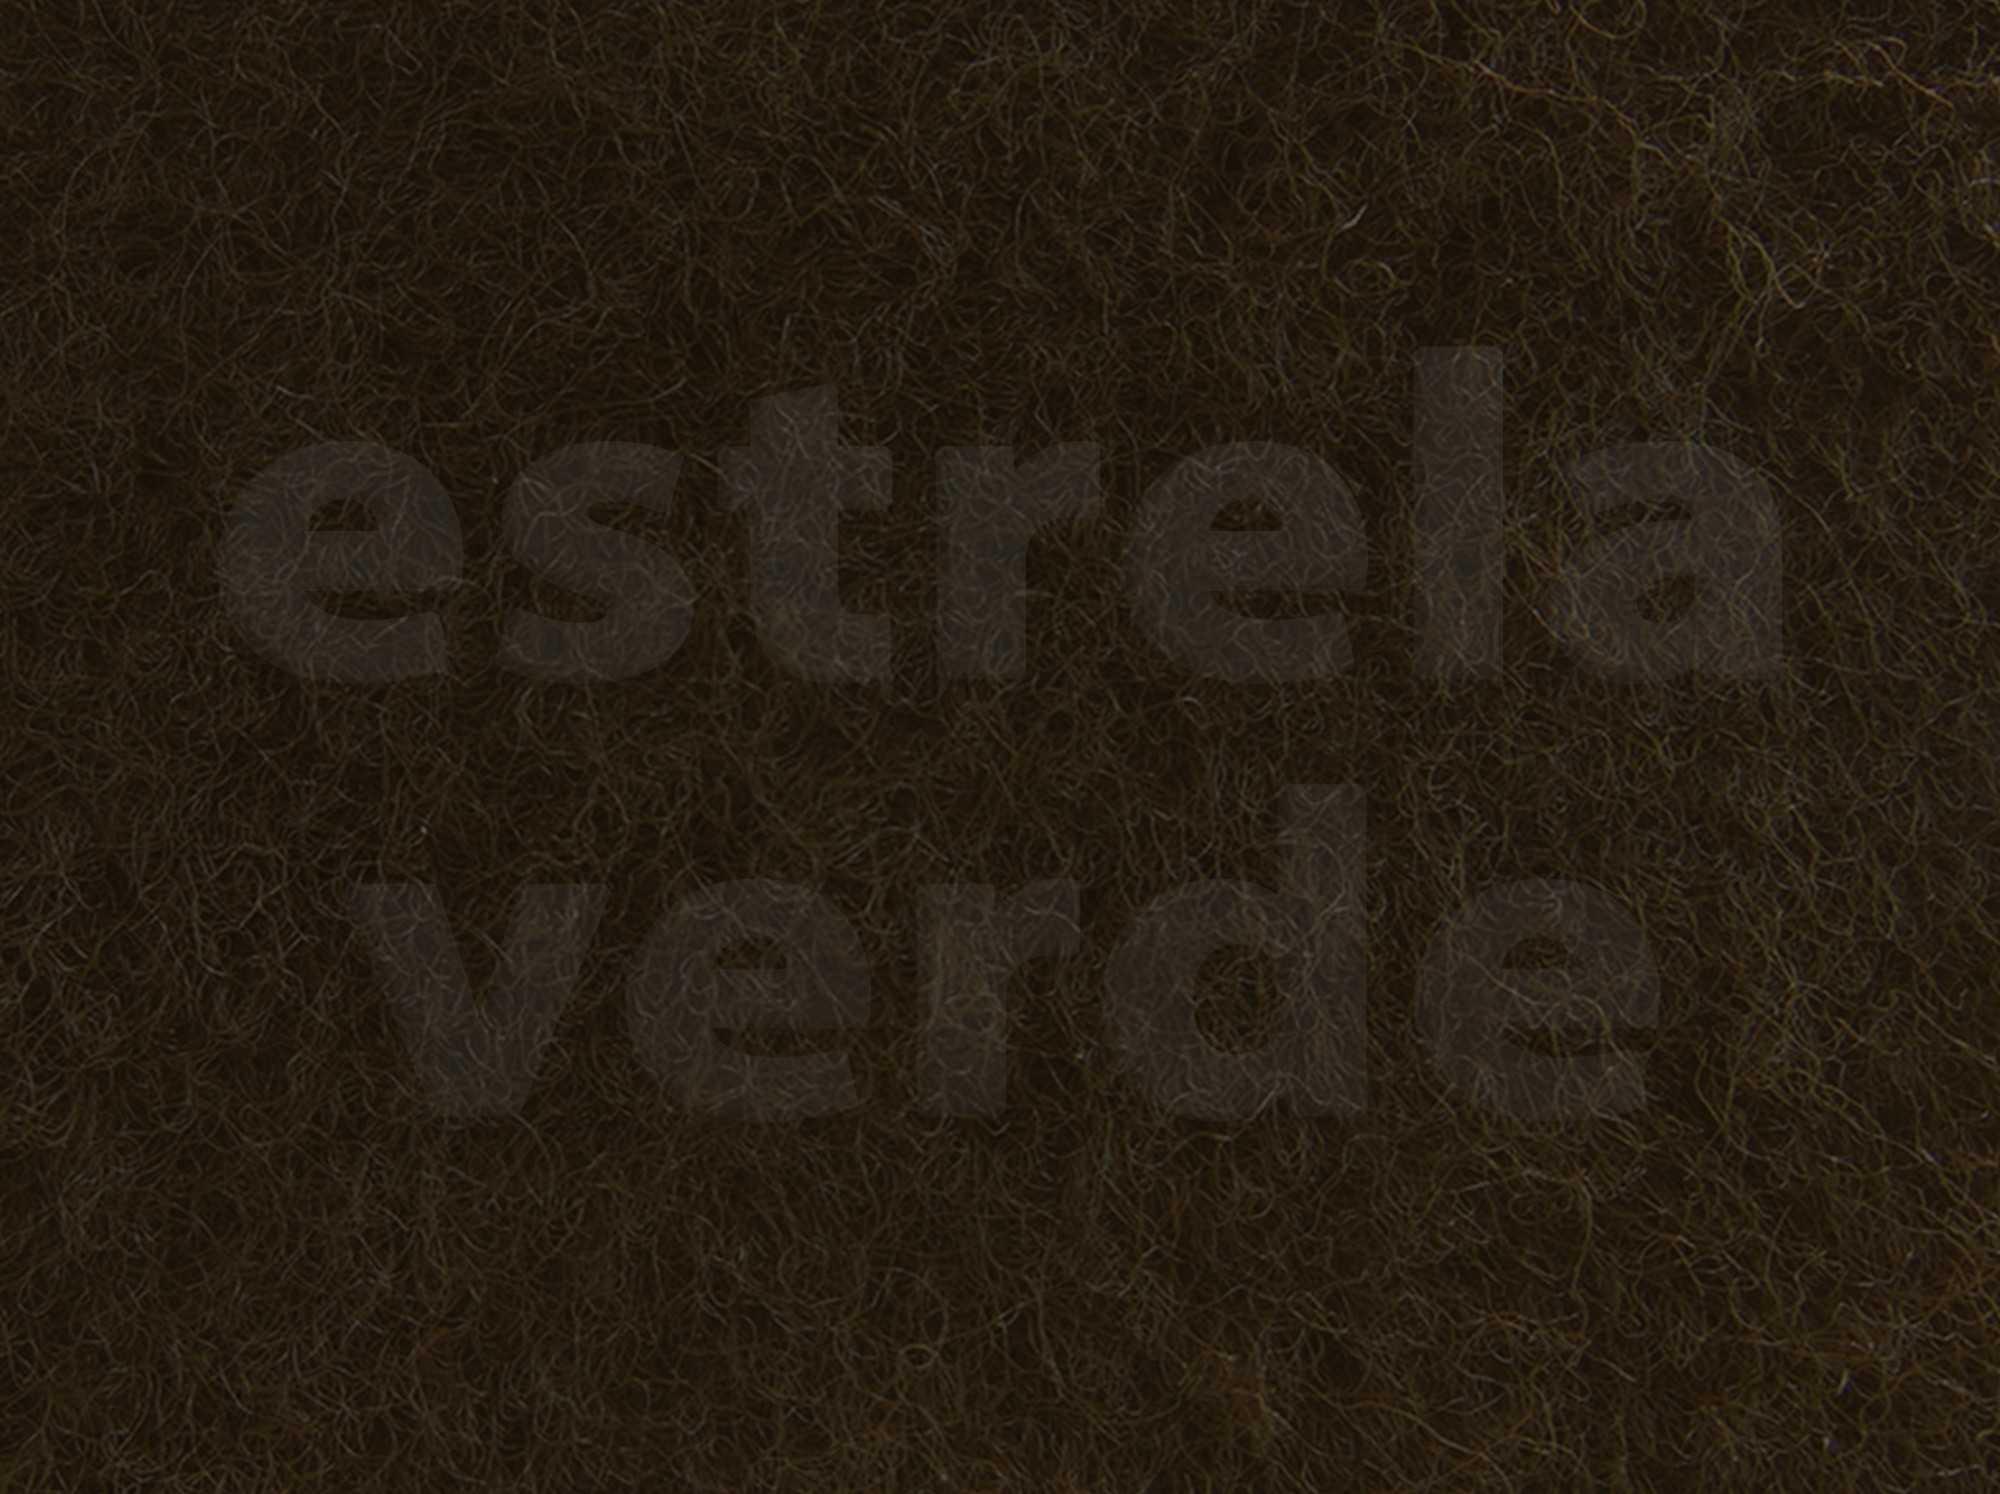 CARPETE MARROM S/ RESINA (512) 2,00 LARG  - Estrela Verde